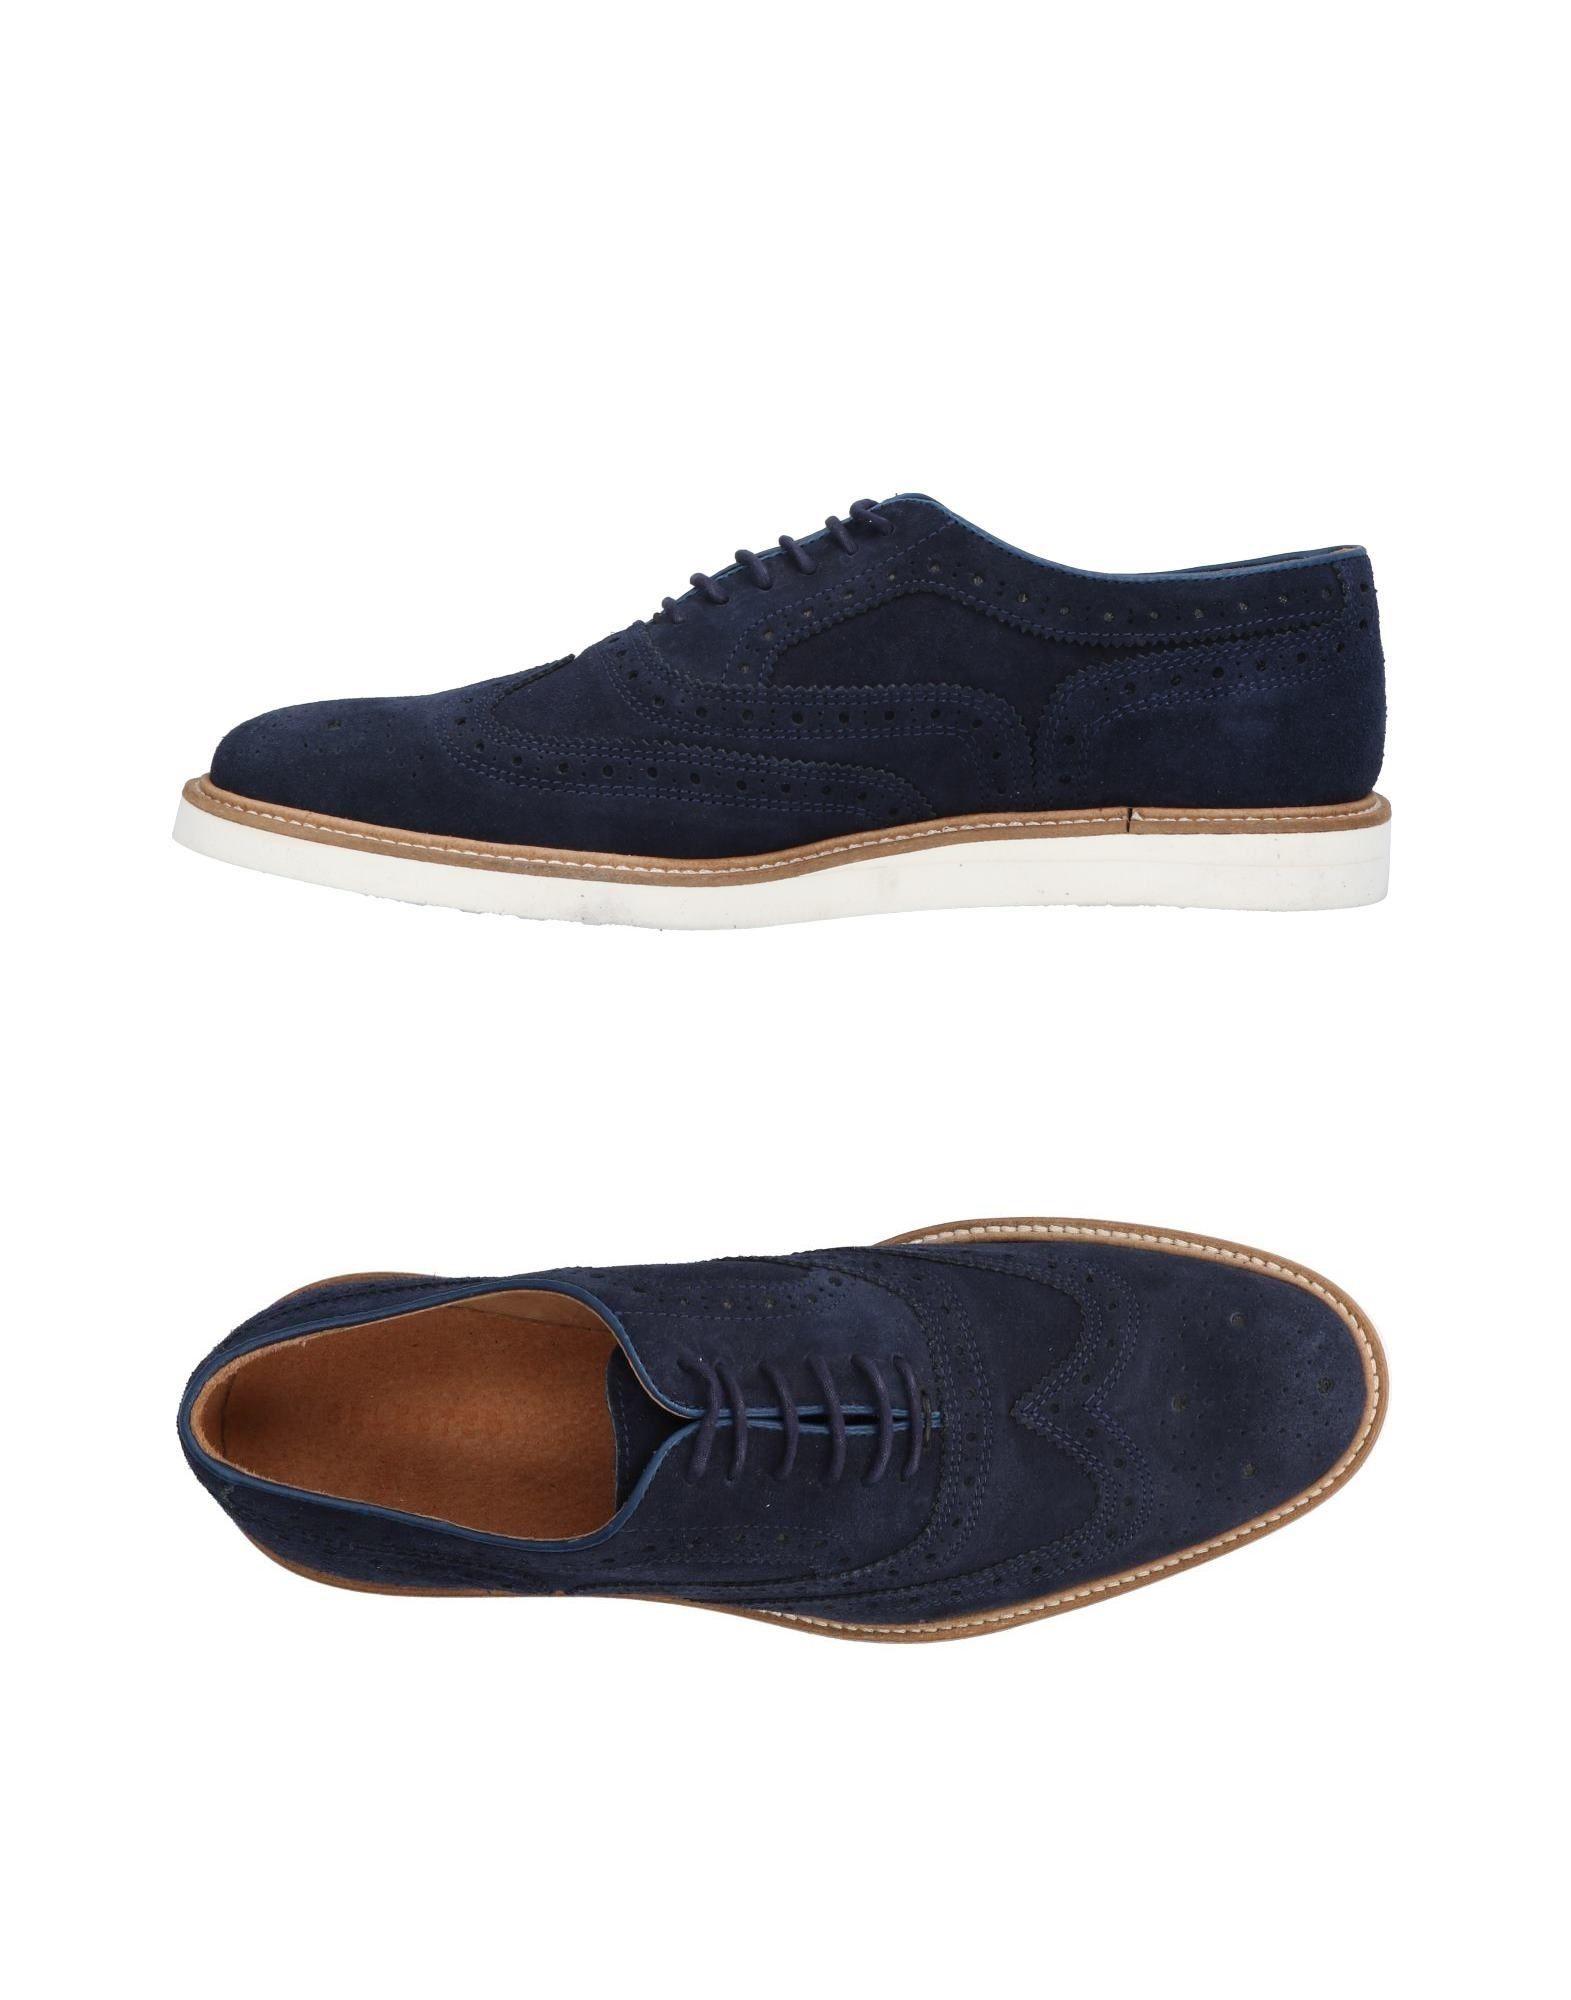 Zapato De Cordones Selected Selected Cordones Hombre - Zapatos De Cordones Selected 8032ef